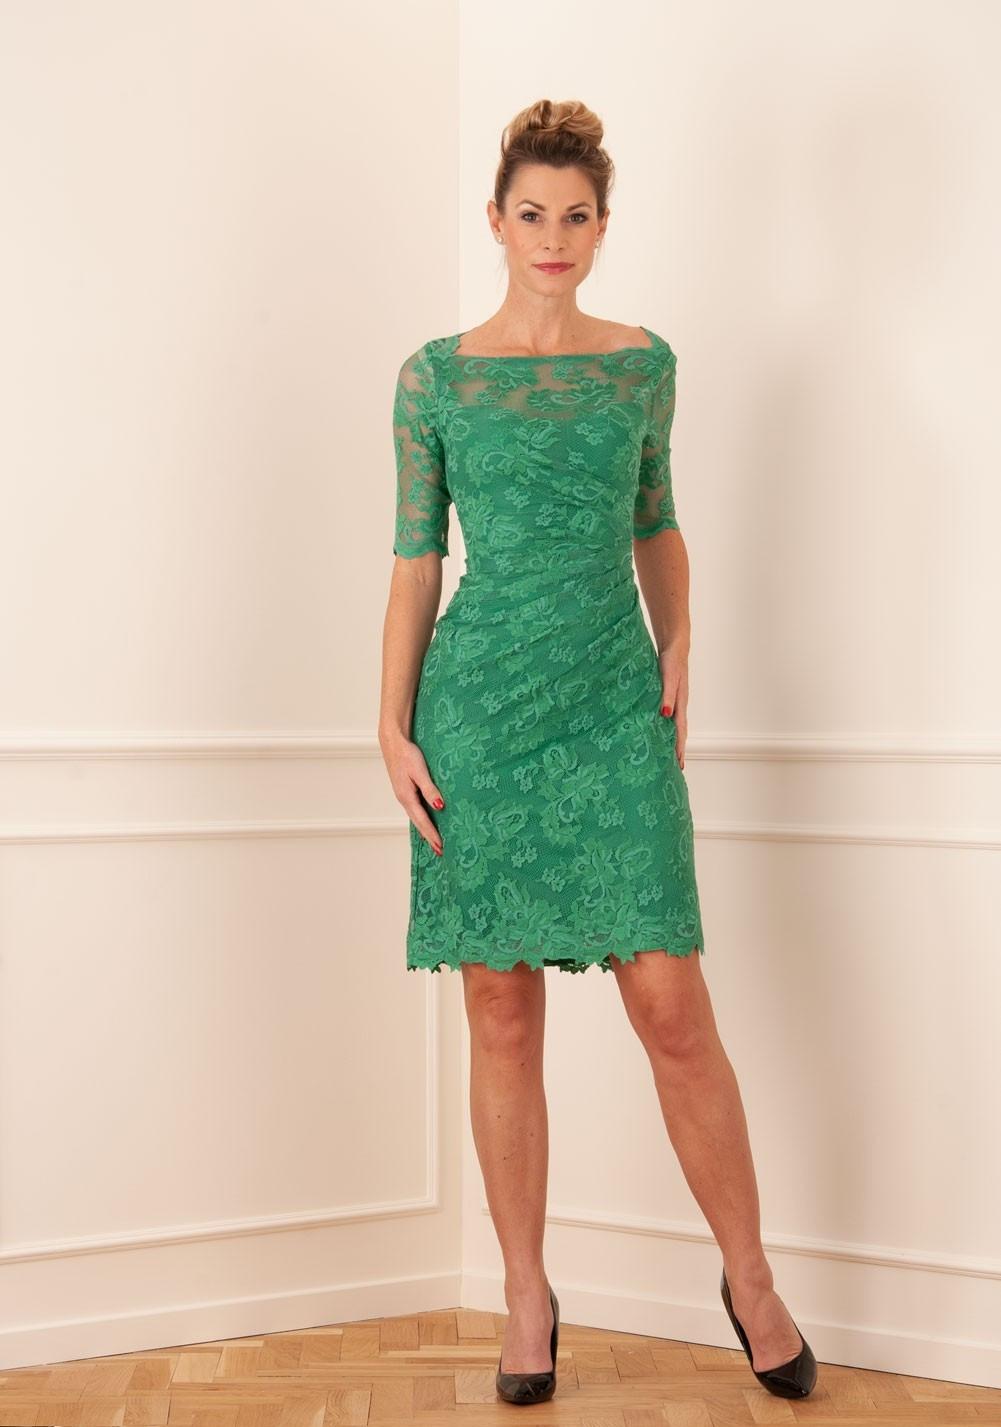 15 Luxus Kleid Festlich Grün Vertrieb20 Coolste Kleid Festlich Grün Stylish